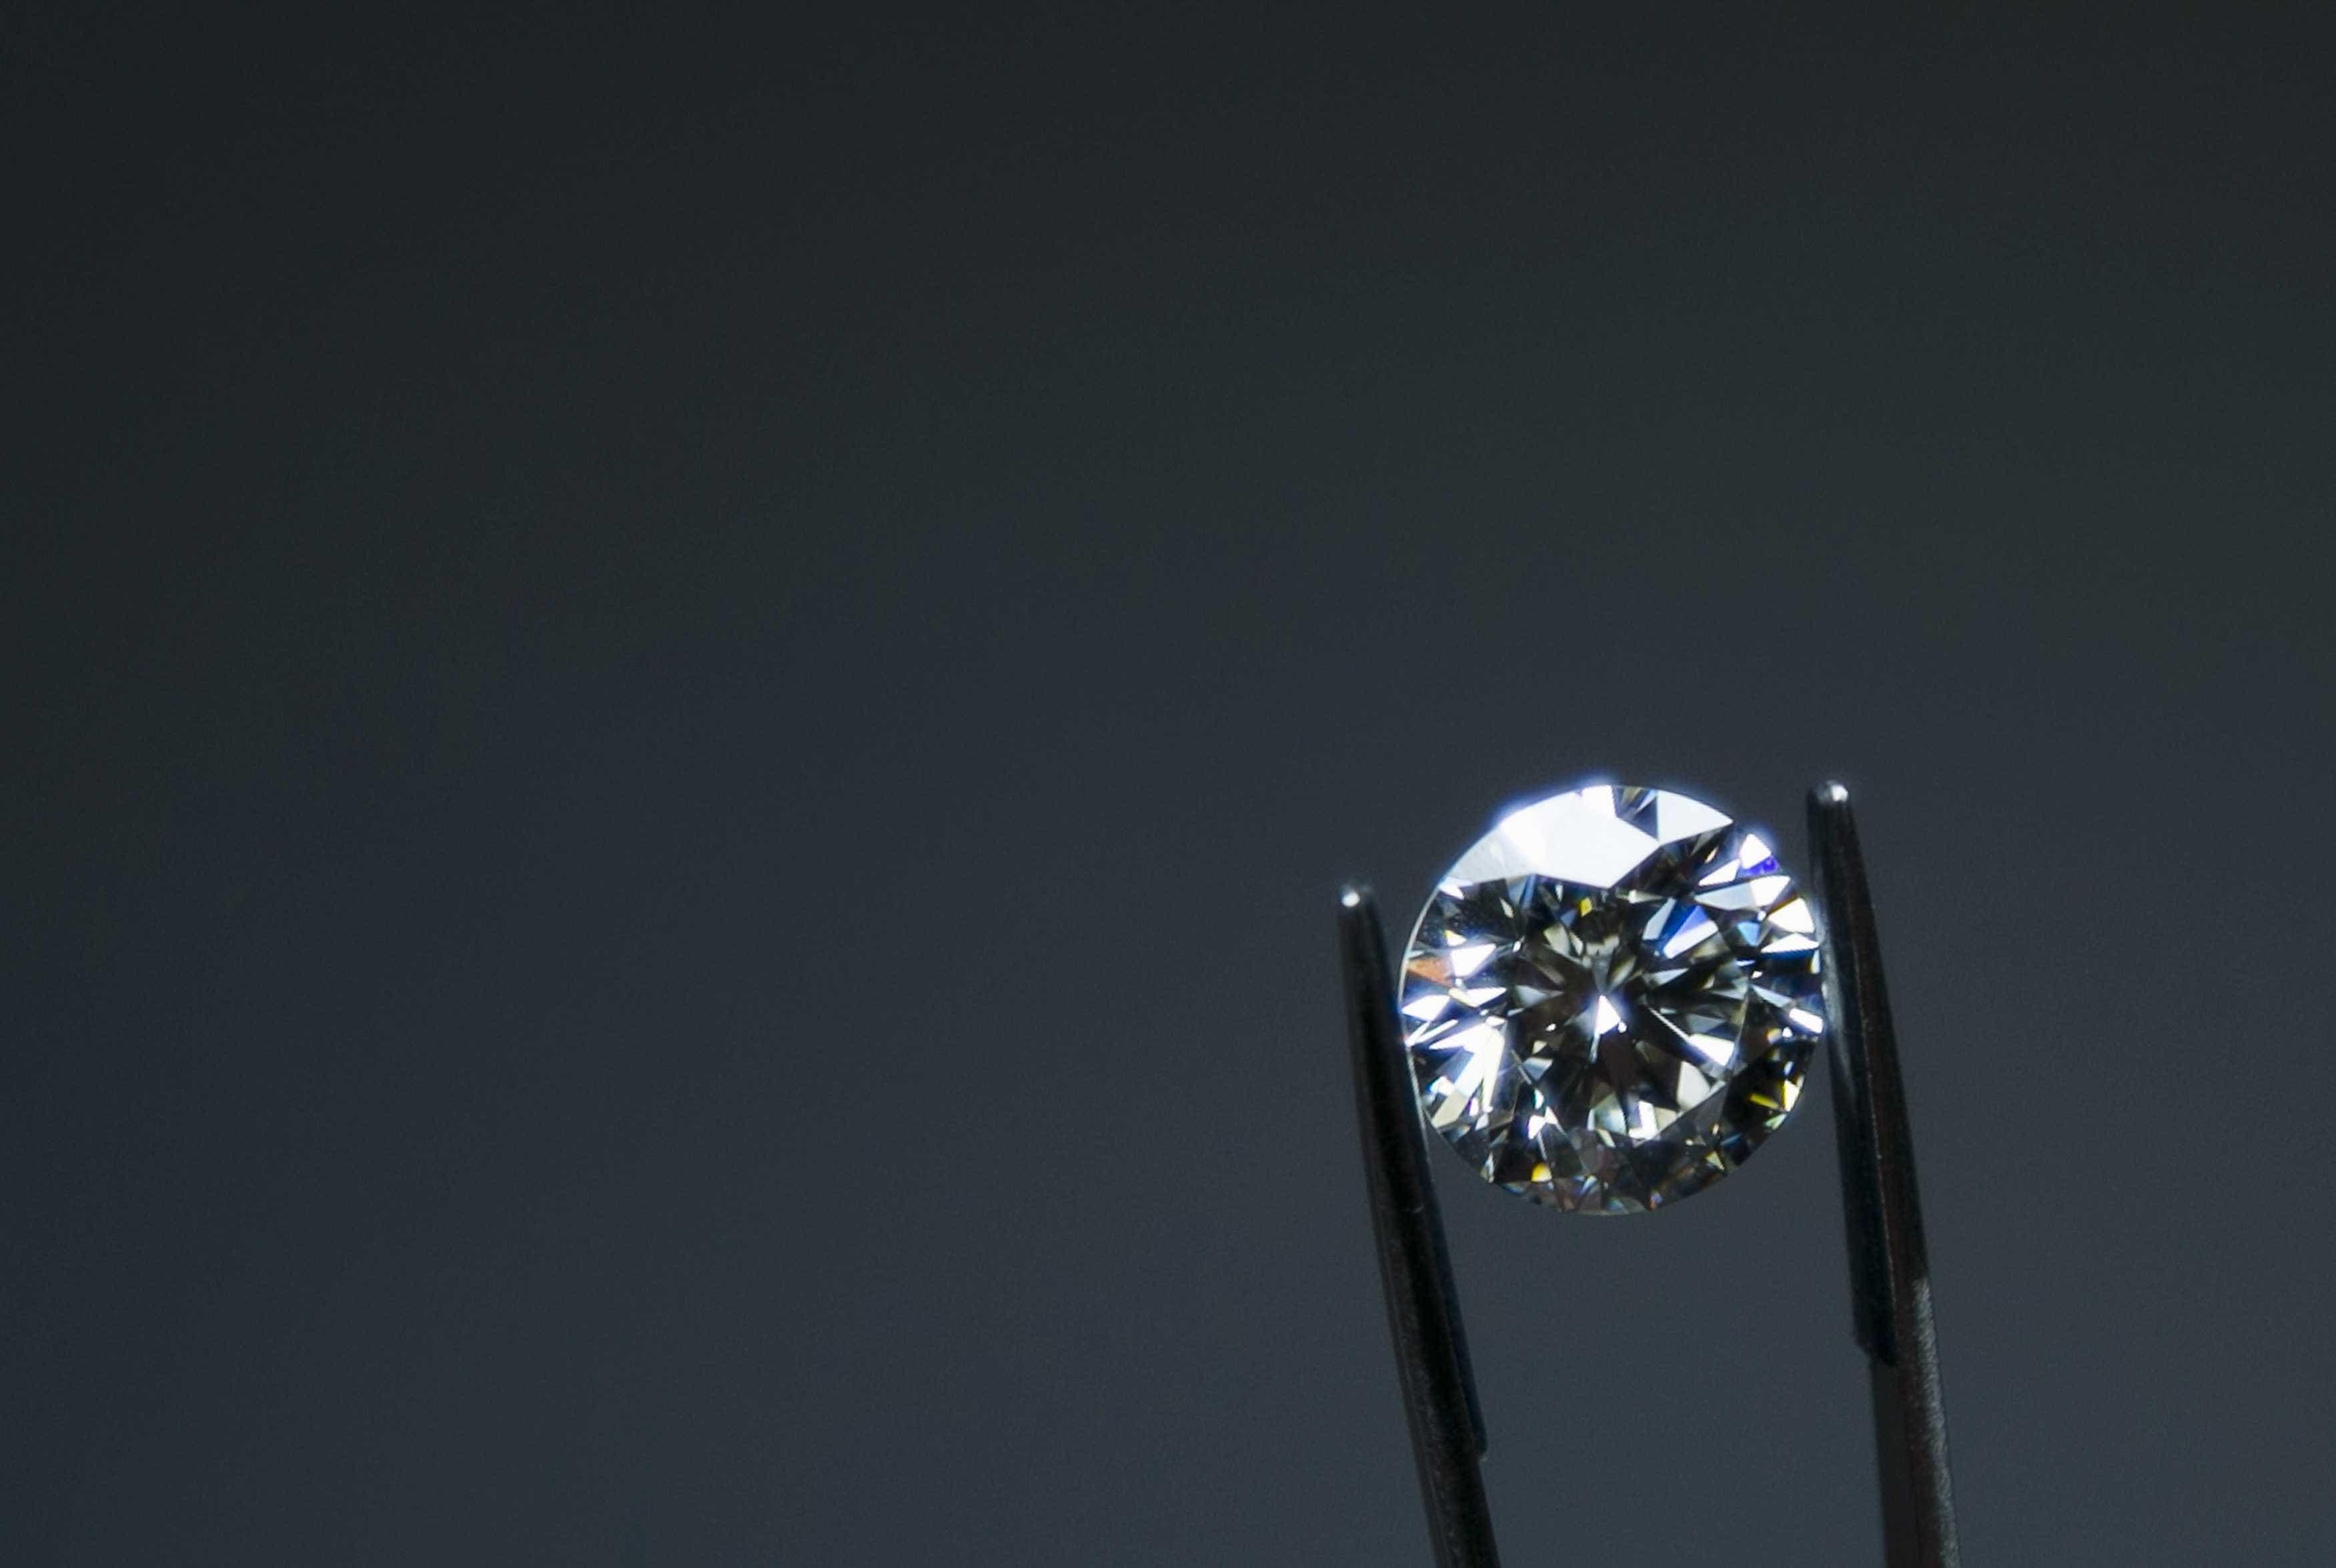 Absolvidos 18 acusados de roubar 38 milhões de euros de diamantes